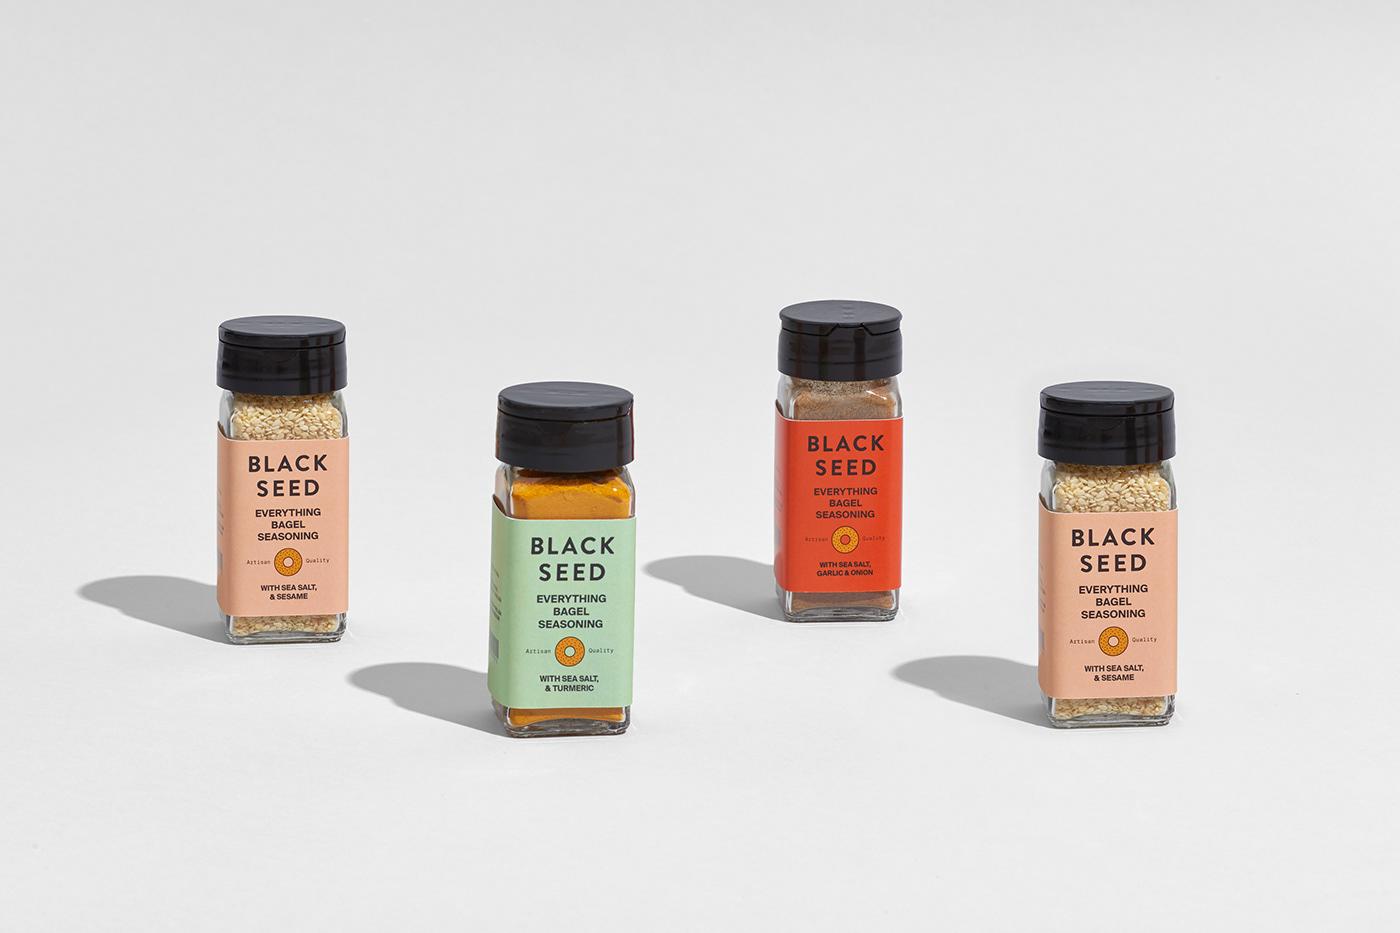 bagel shop bagels branding  cafe CPG packaging design ILLUSTRATION  Packaging packaging design restaurant